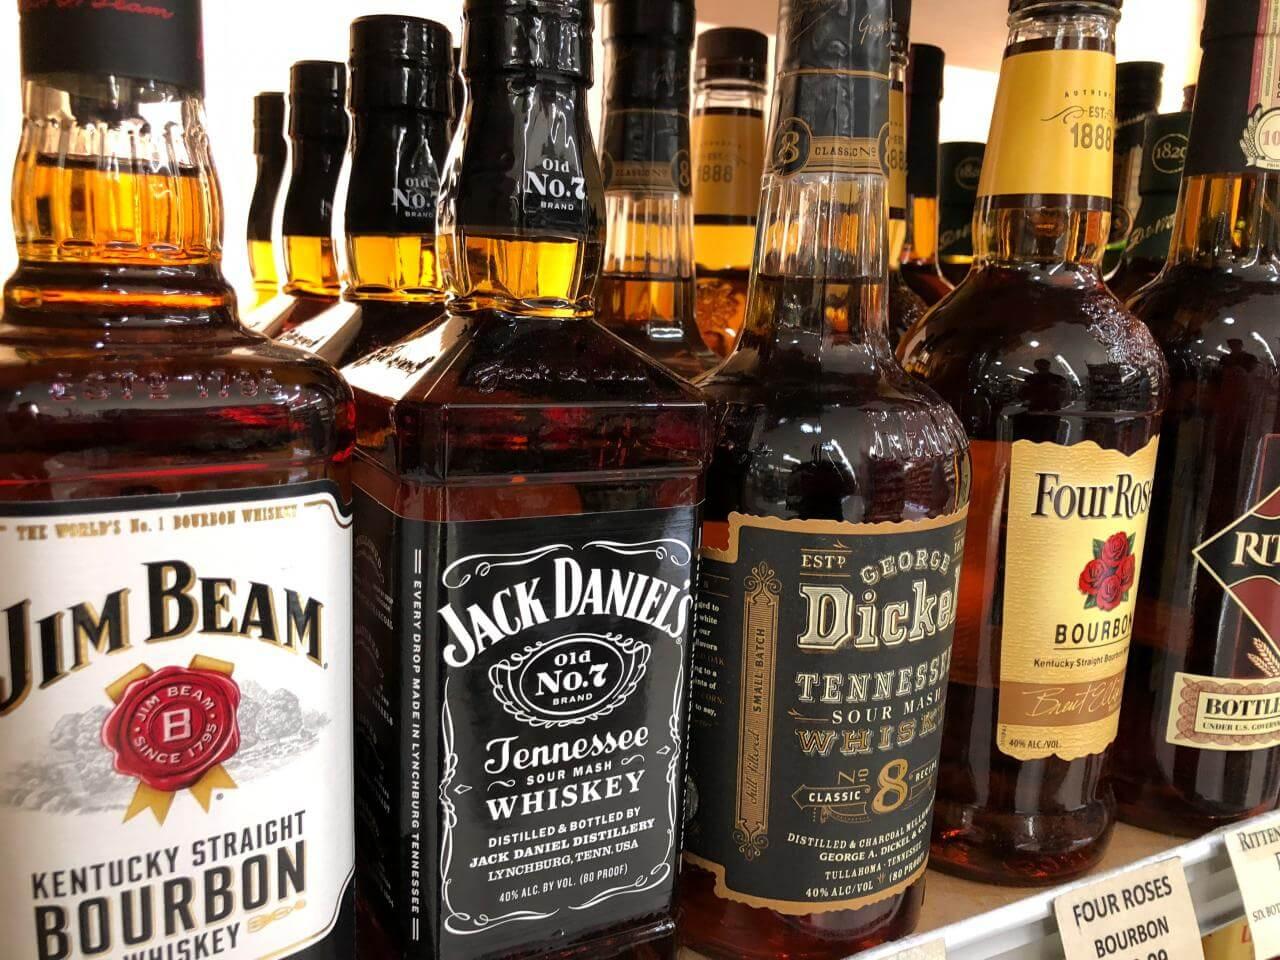 ABD Menşeli Bazı Ürünlere Ek Mali Yükümlülük